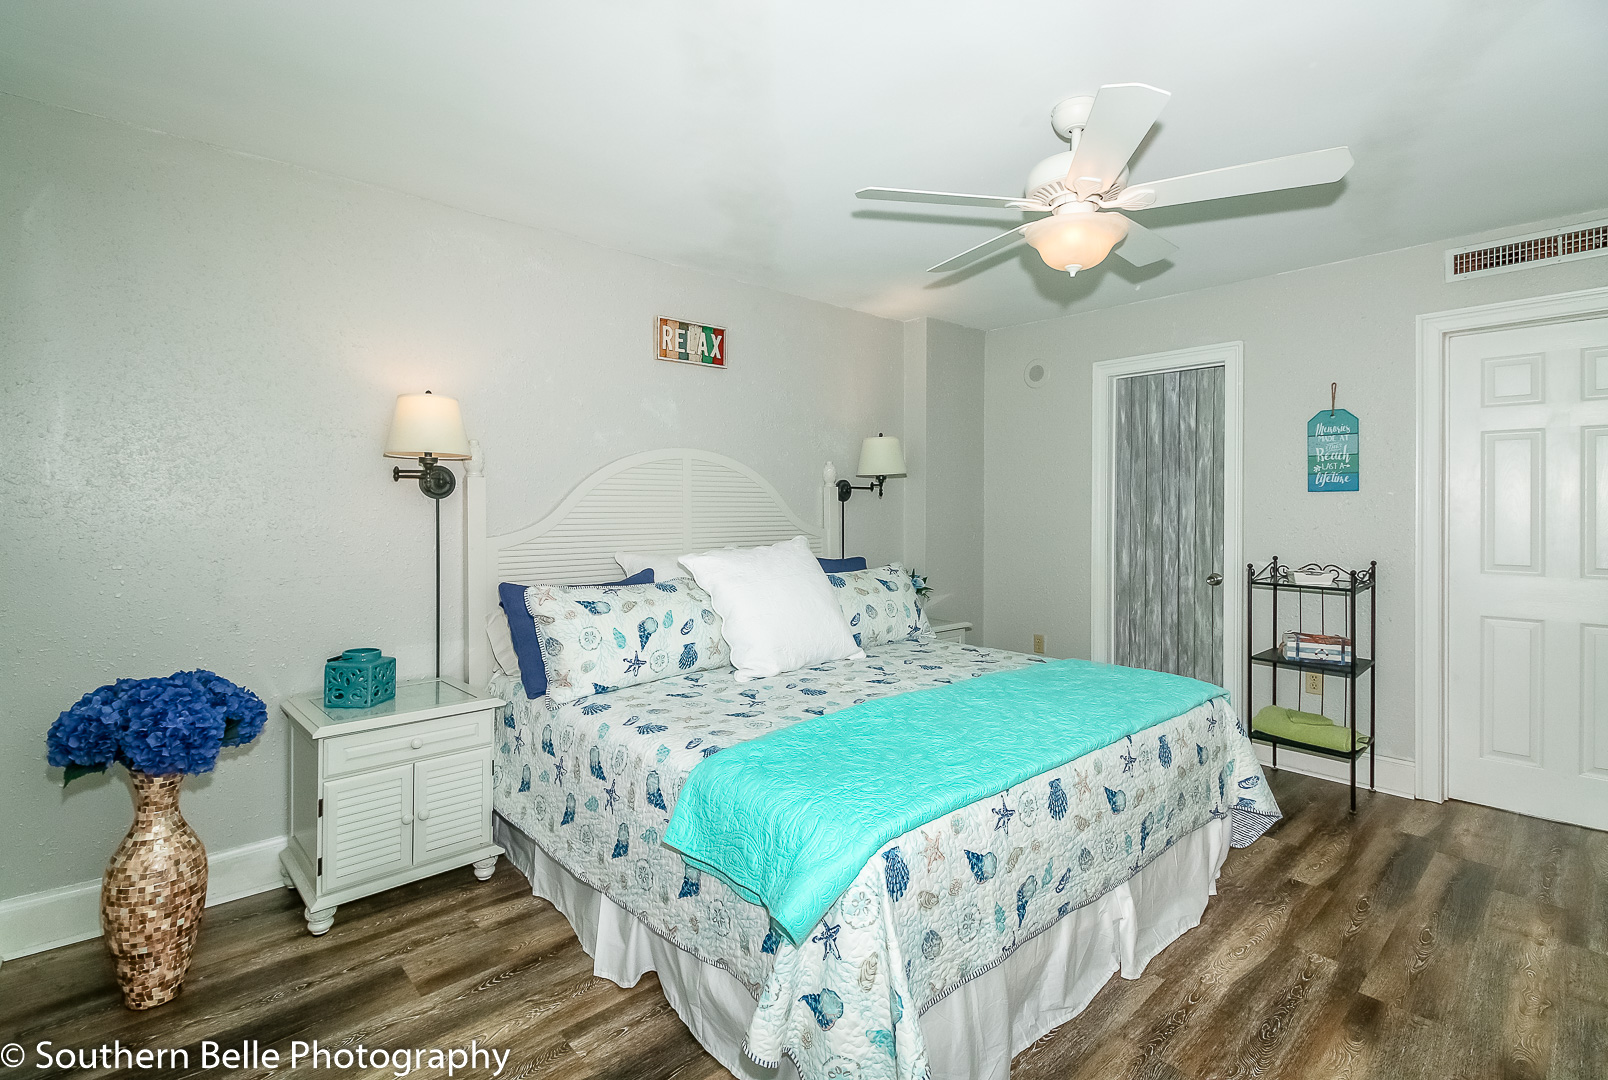 2. Bedroom View WM